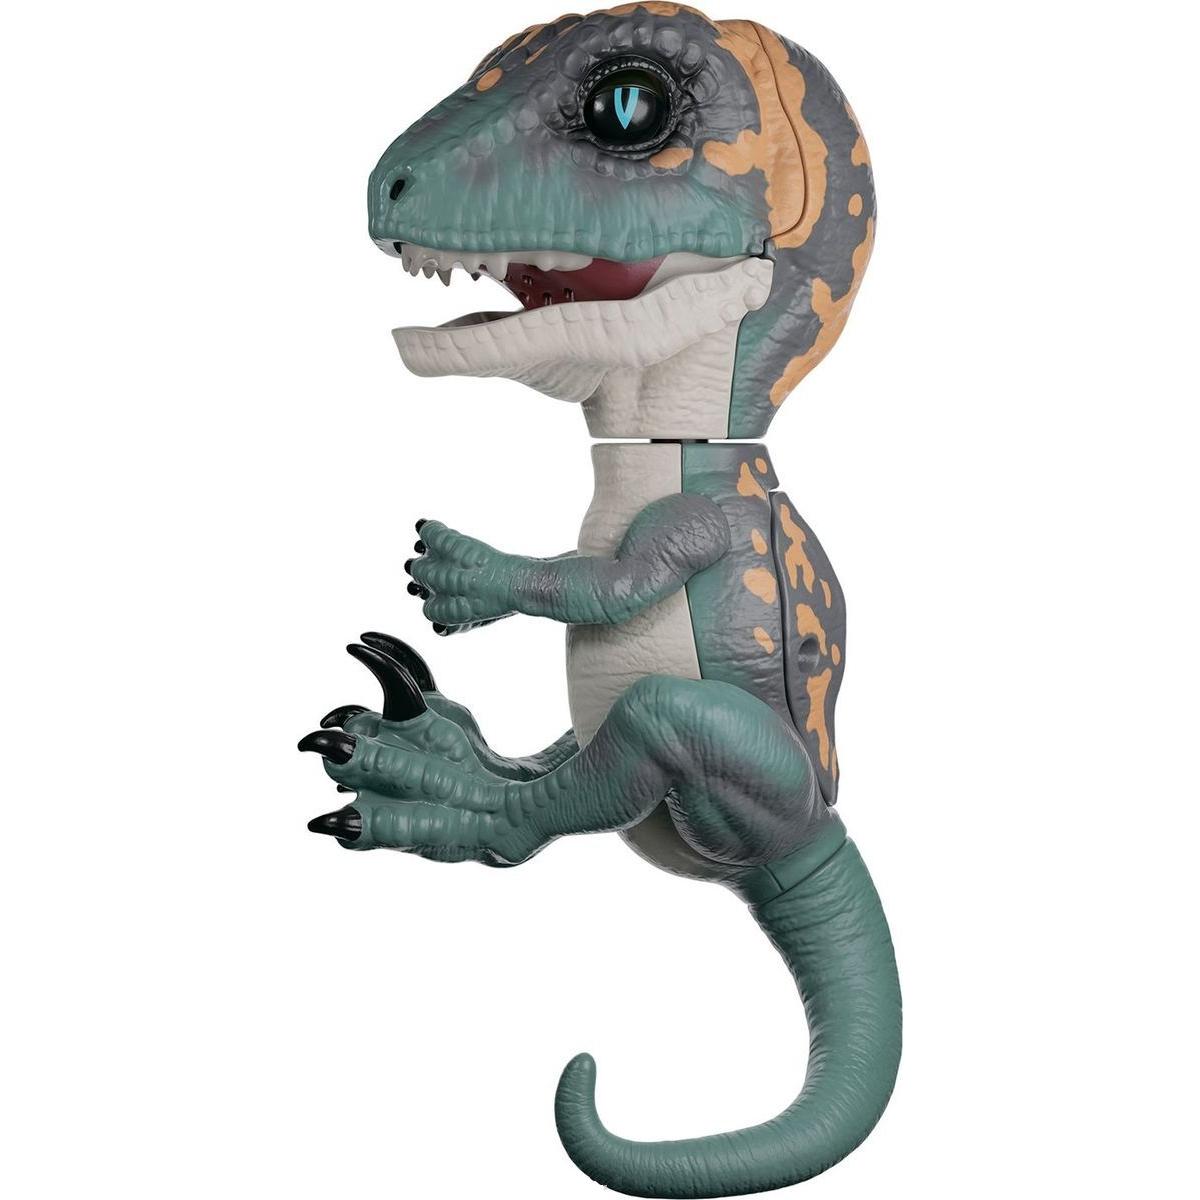 Купить Интерактивный динозавр Фури, цвет - темно-зеленый с бежевым, 12 см., WowWee